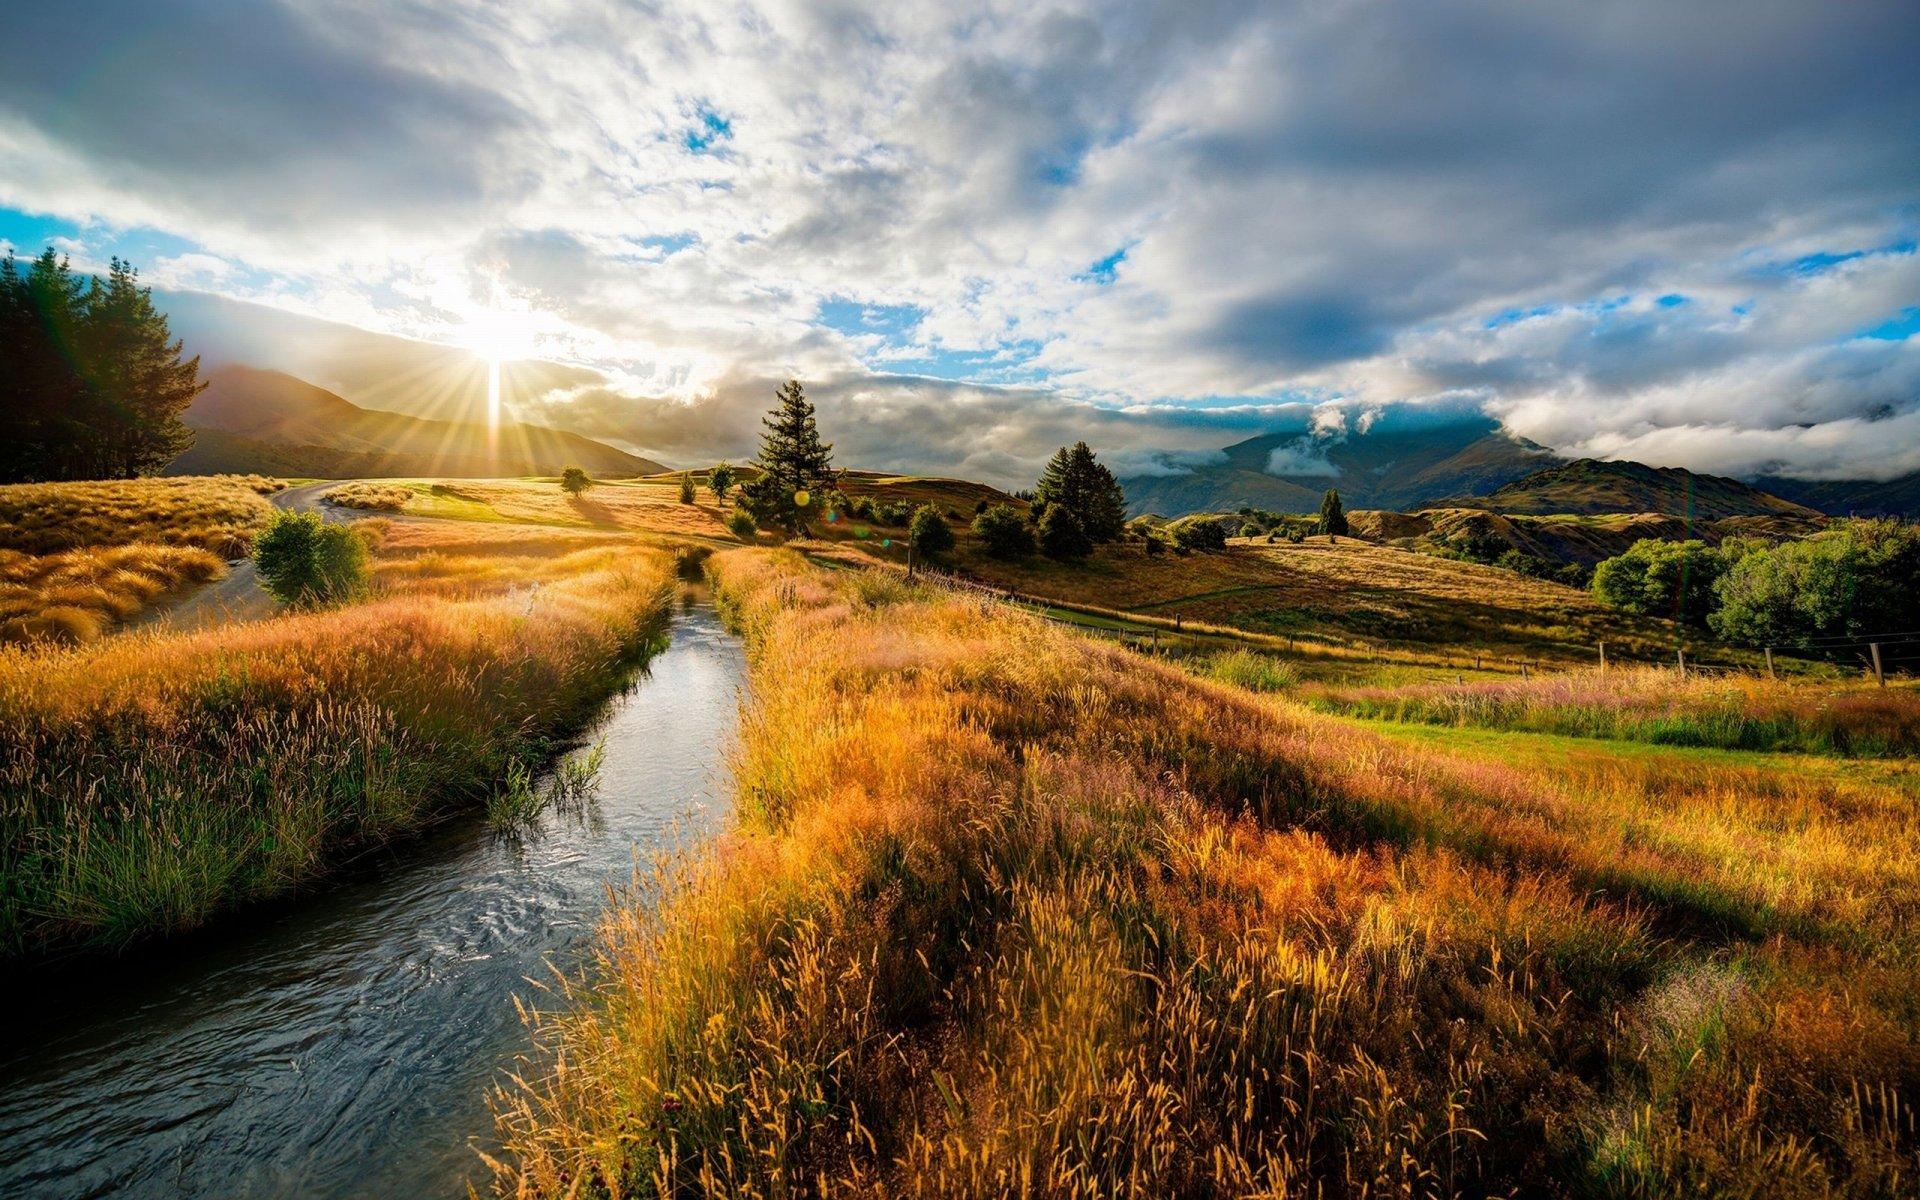 горы деревья солнце отражение русло скачать